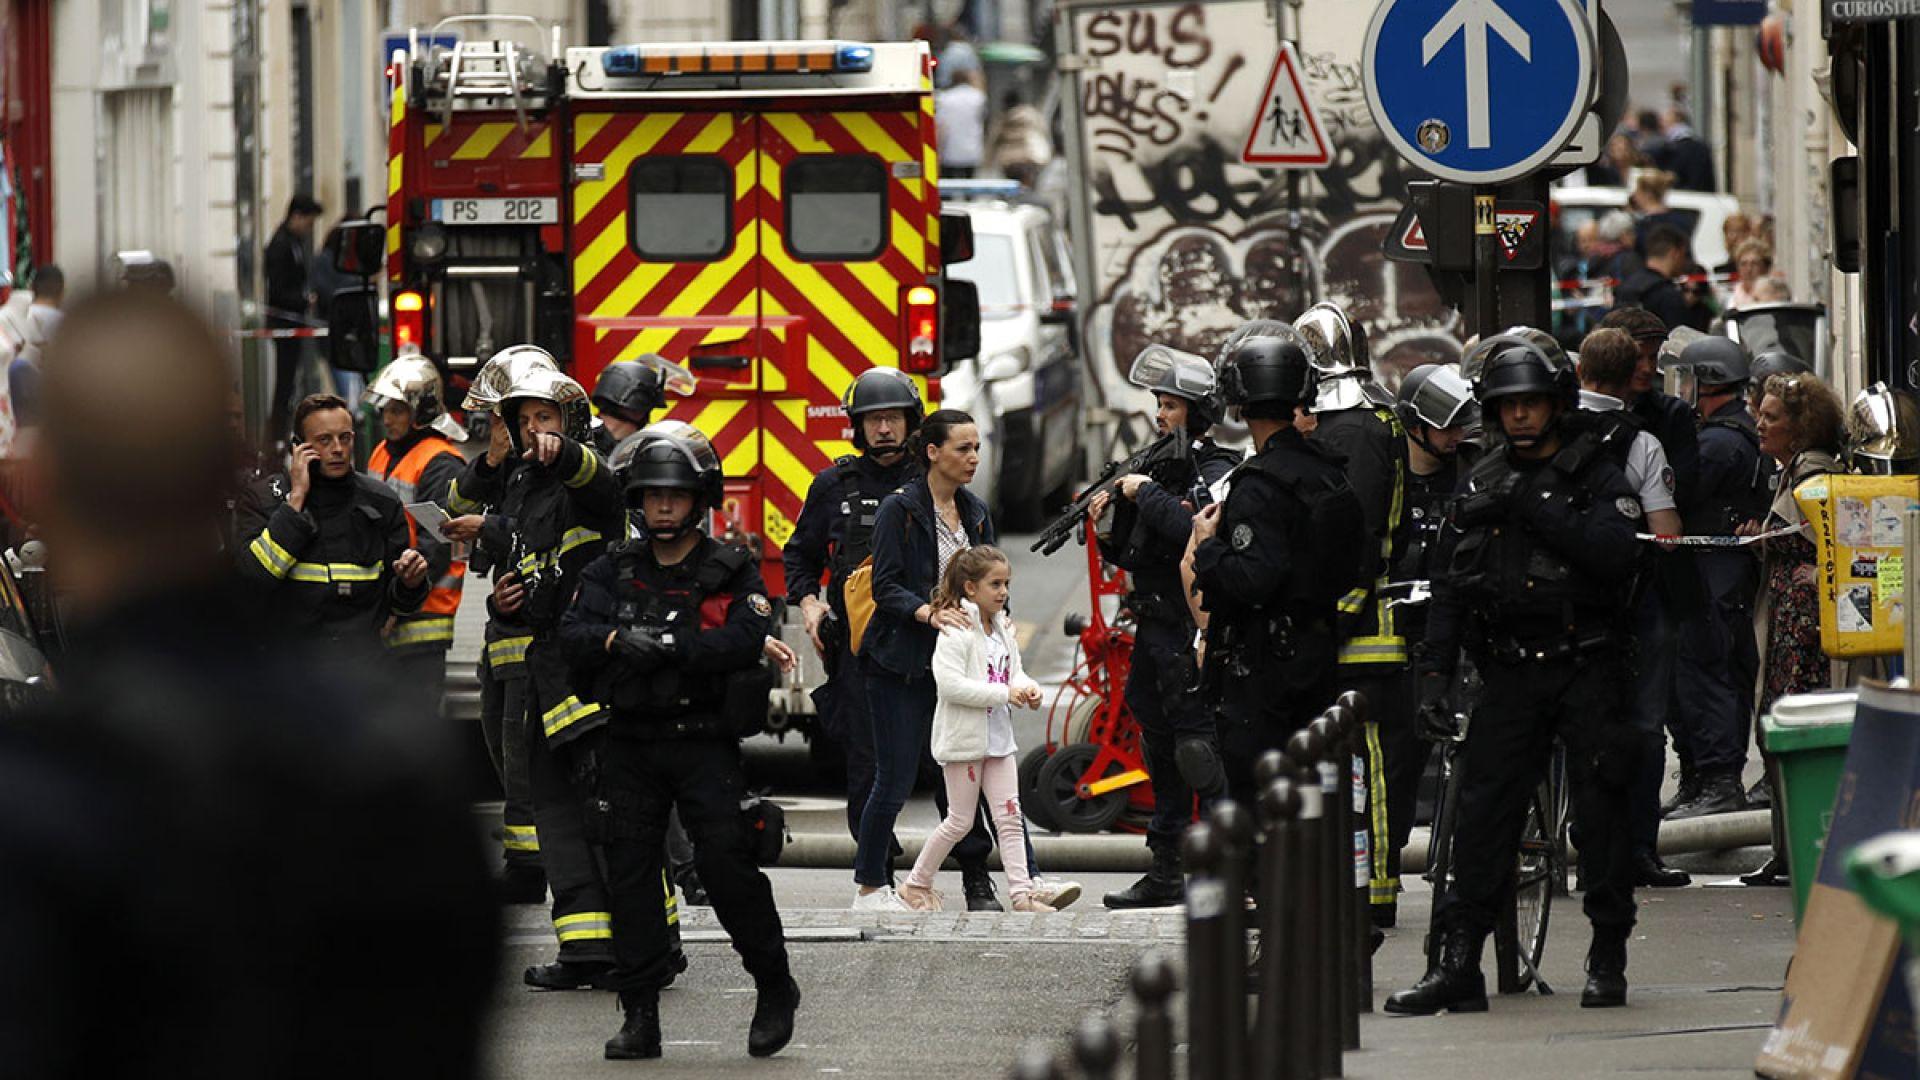 Задържалият заложници в Париж е арестуван, не е терорист